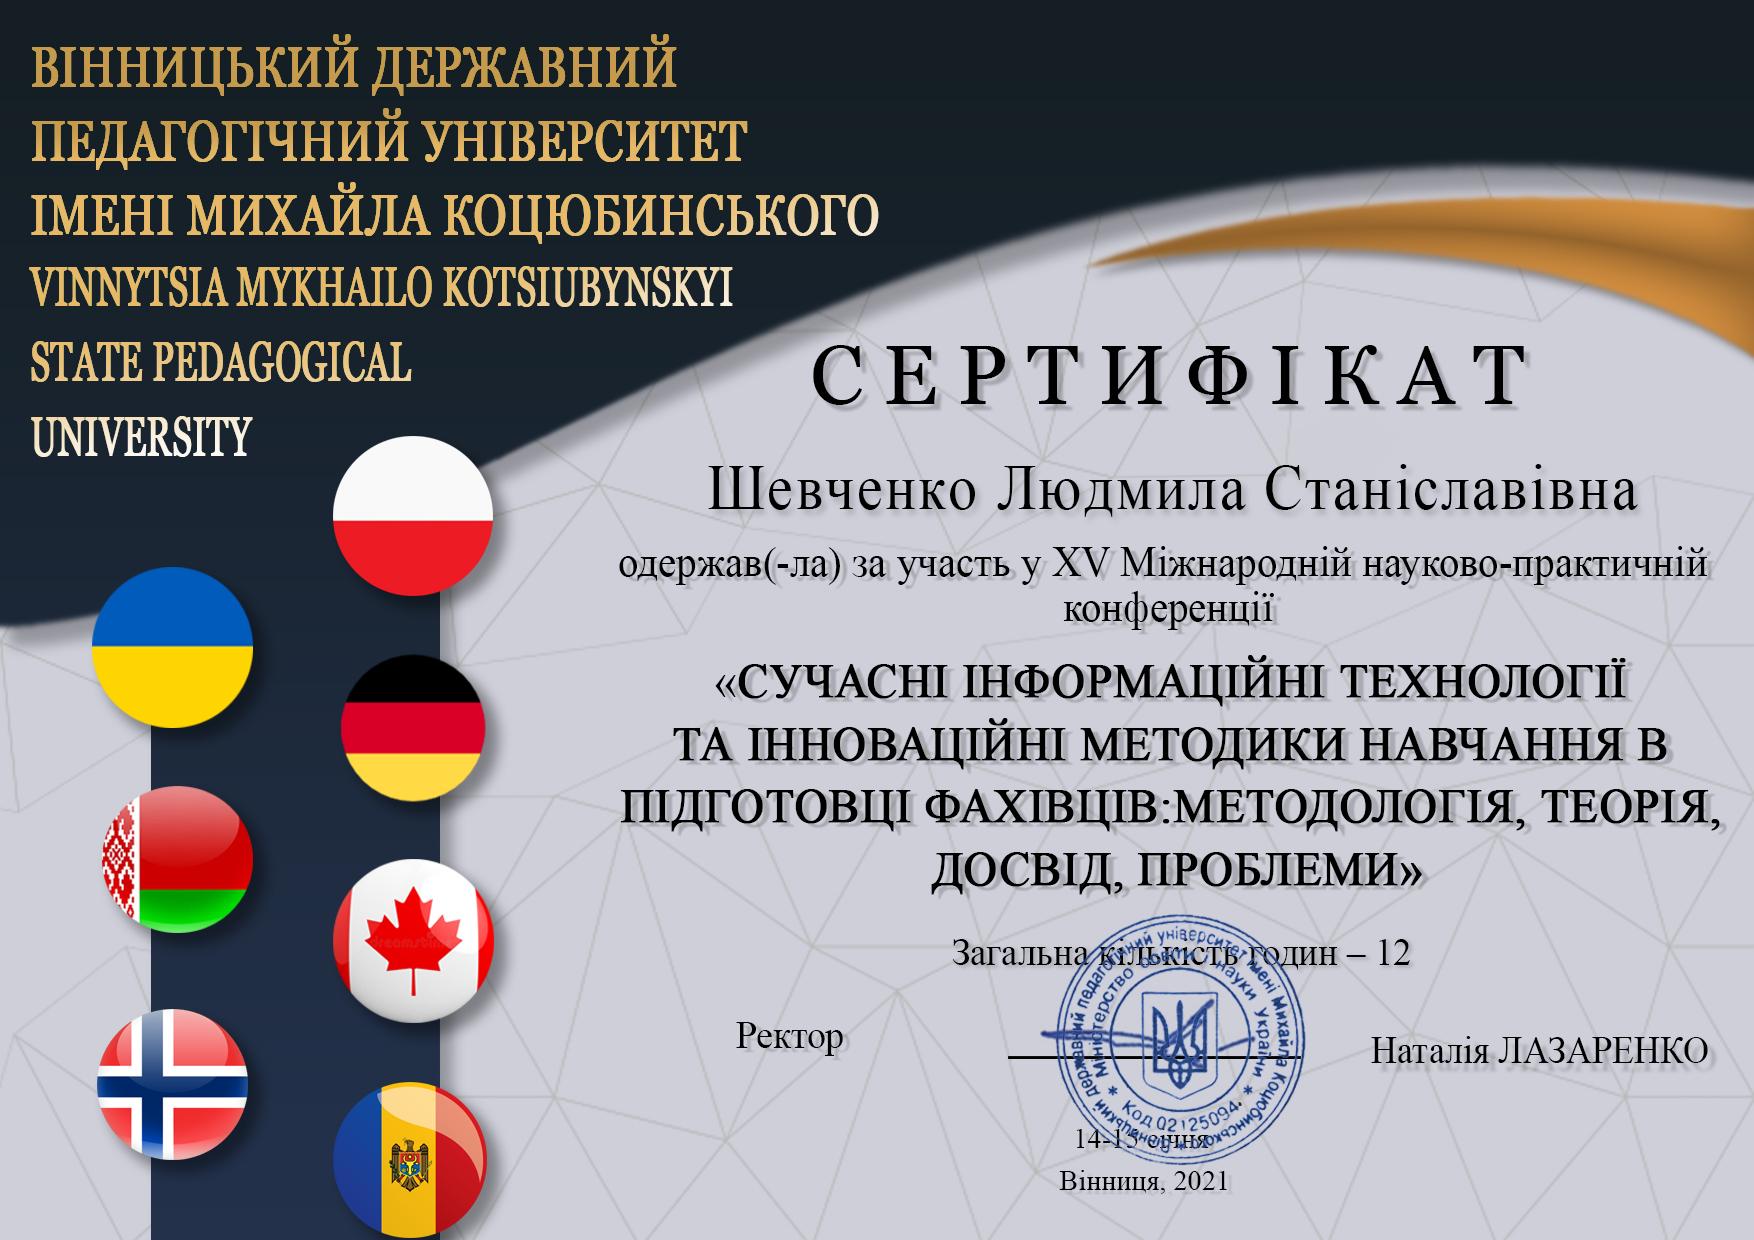 Шевченко Людмила Станіславівна